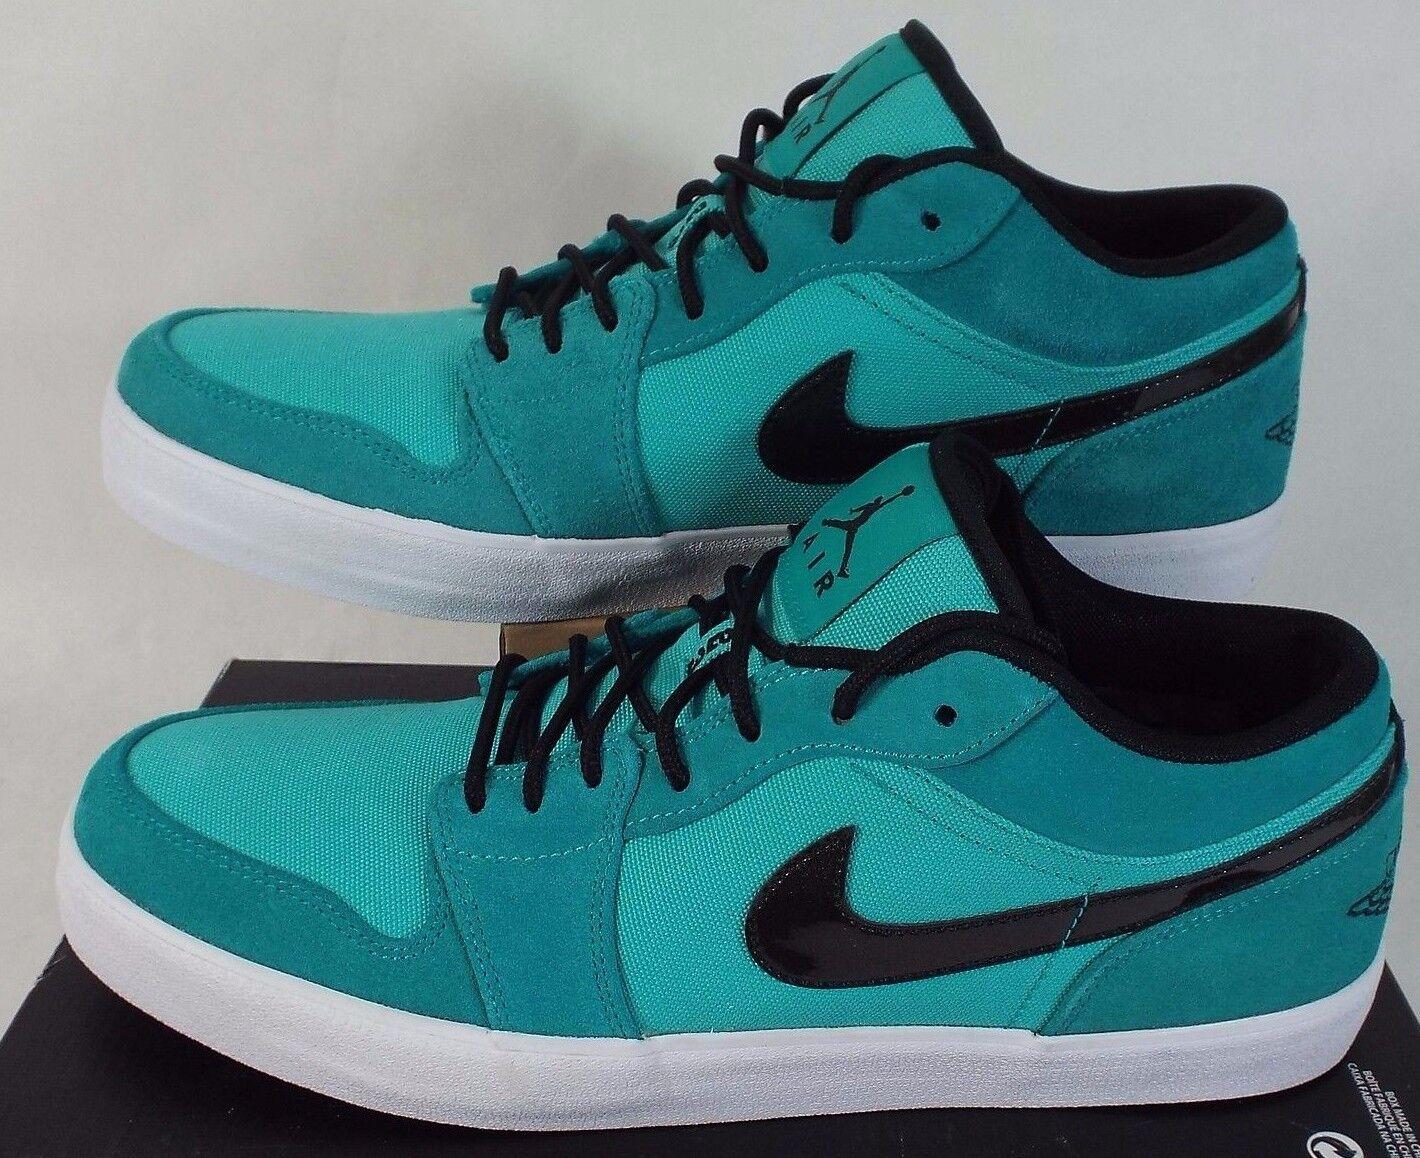 Nuove nike air jordan - basso Uomo 13 nuove scarpe 90 552312-303 smeraldo